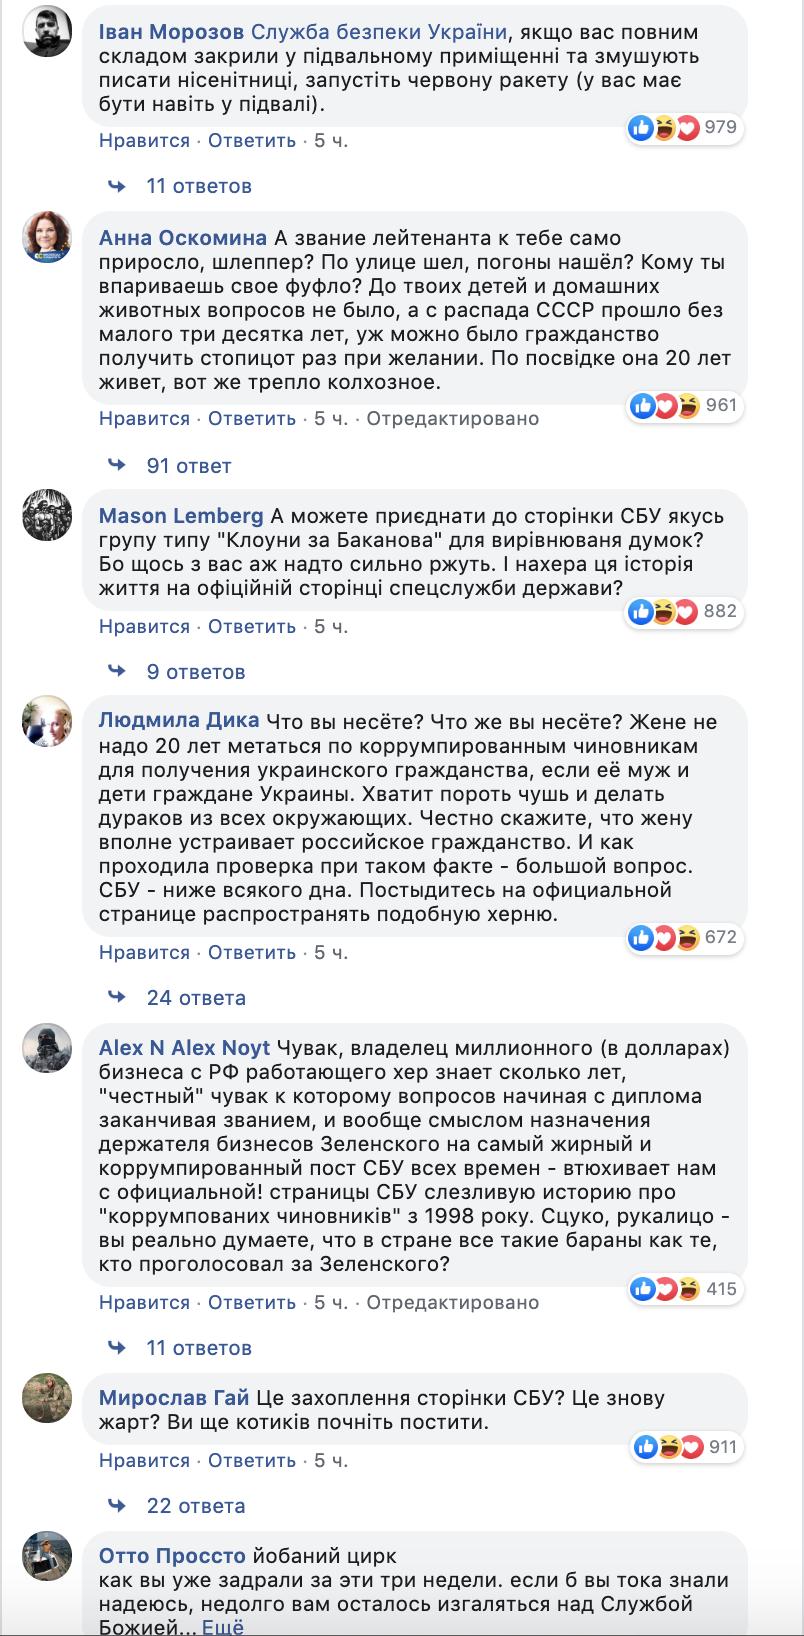 Дружина перебуває в процесі оформлення українського громадянства, - Баканов - Цензор.НЕТ 8940